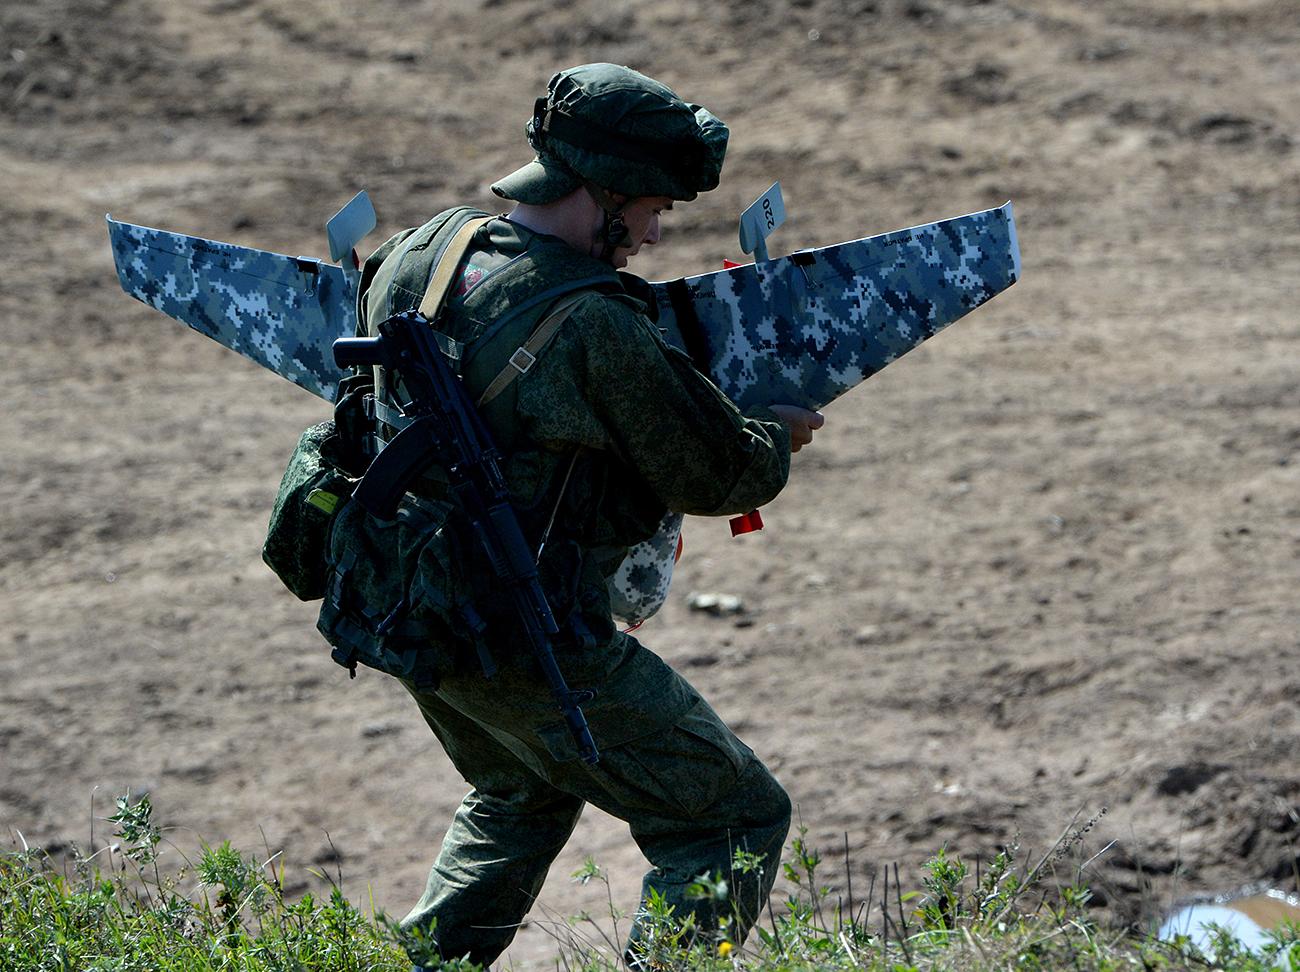 Ruski vojnik s bespilotnom letjelicom na zajedničkim rusko-indijskim vojnim vježbama Indra 2016. /